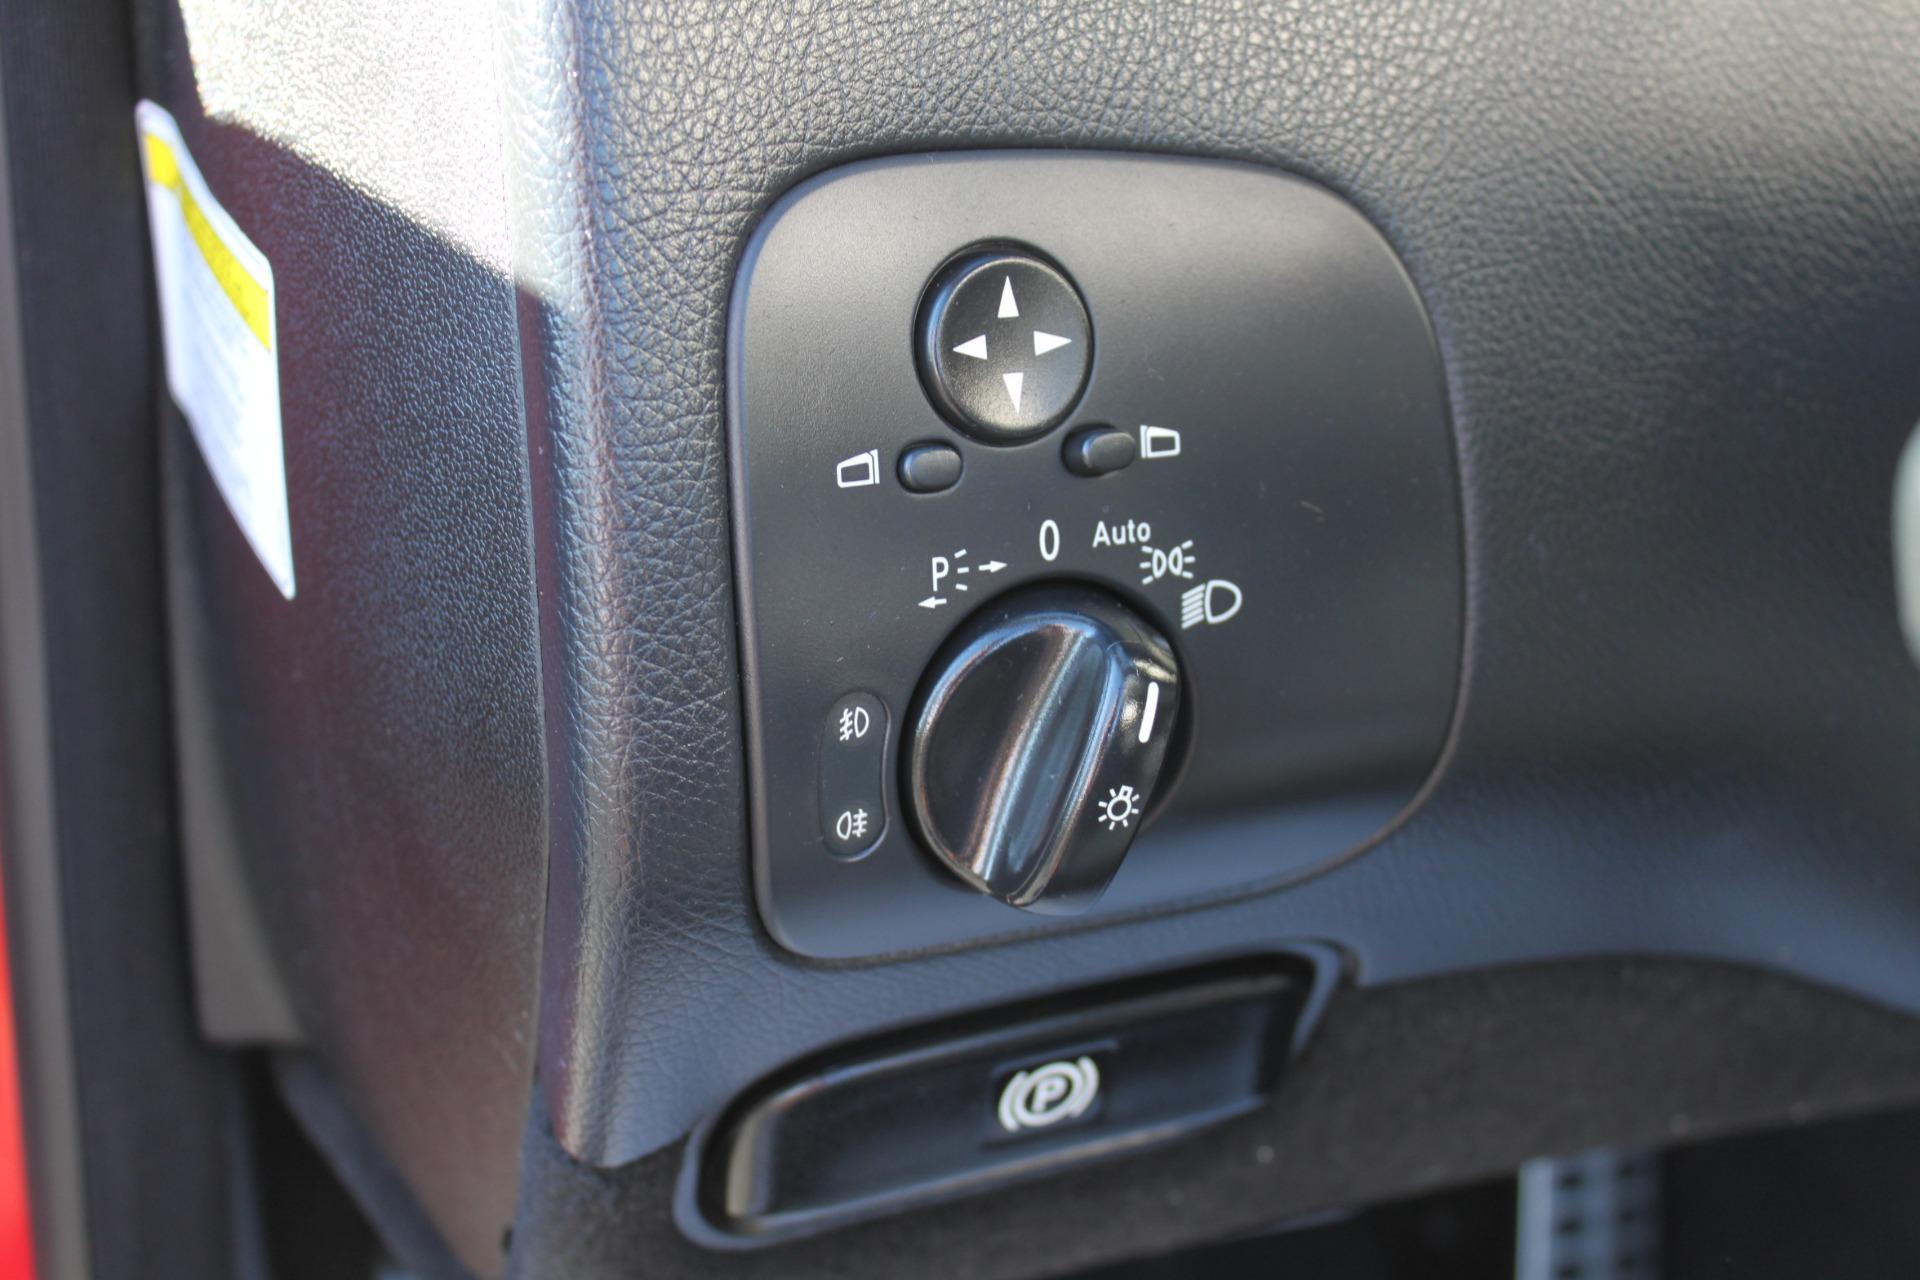 Used-2006-Mercedes-Benz-CLK-Class-CLK350-Cabriolet-35L-Lamborghini